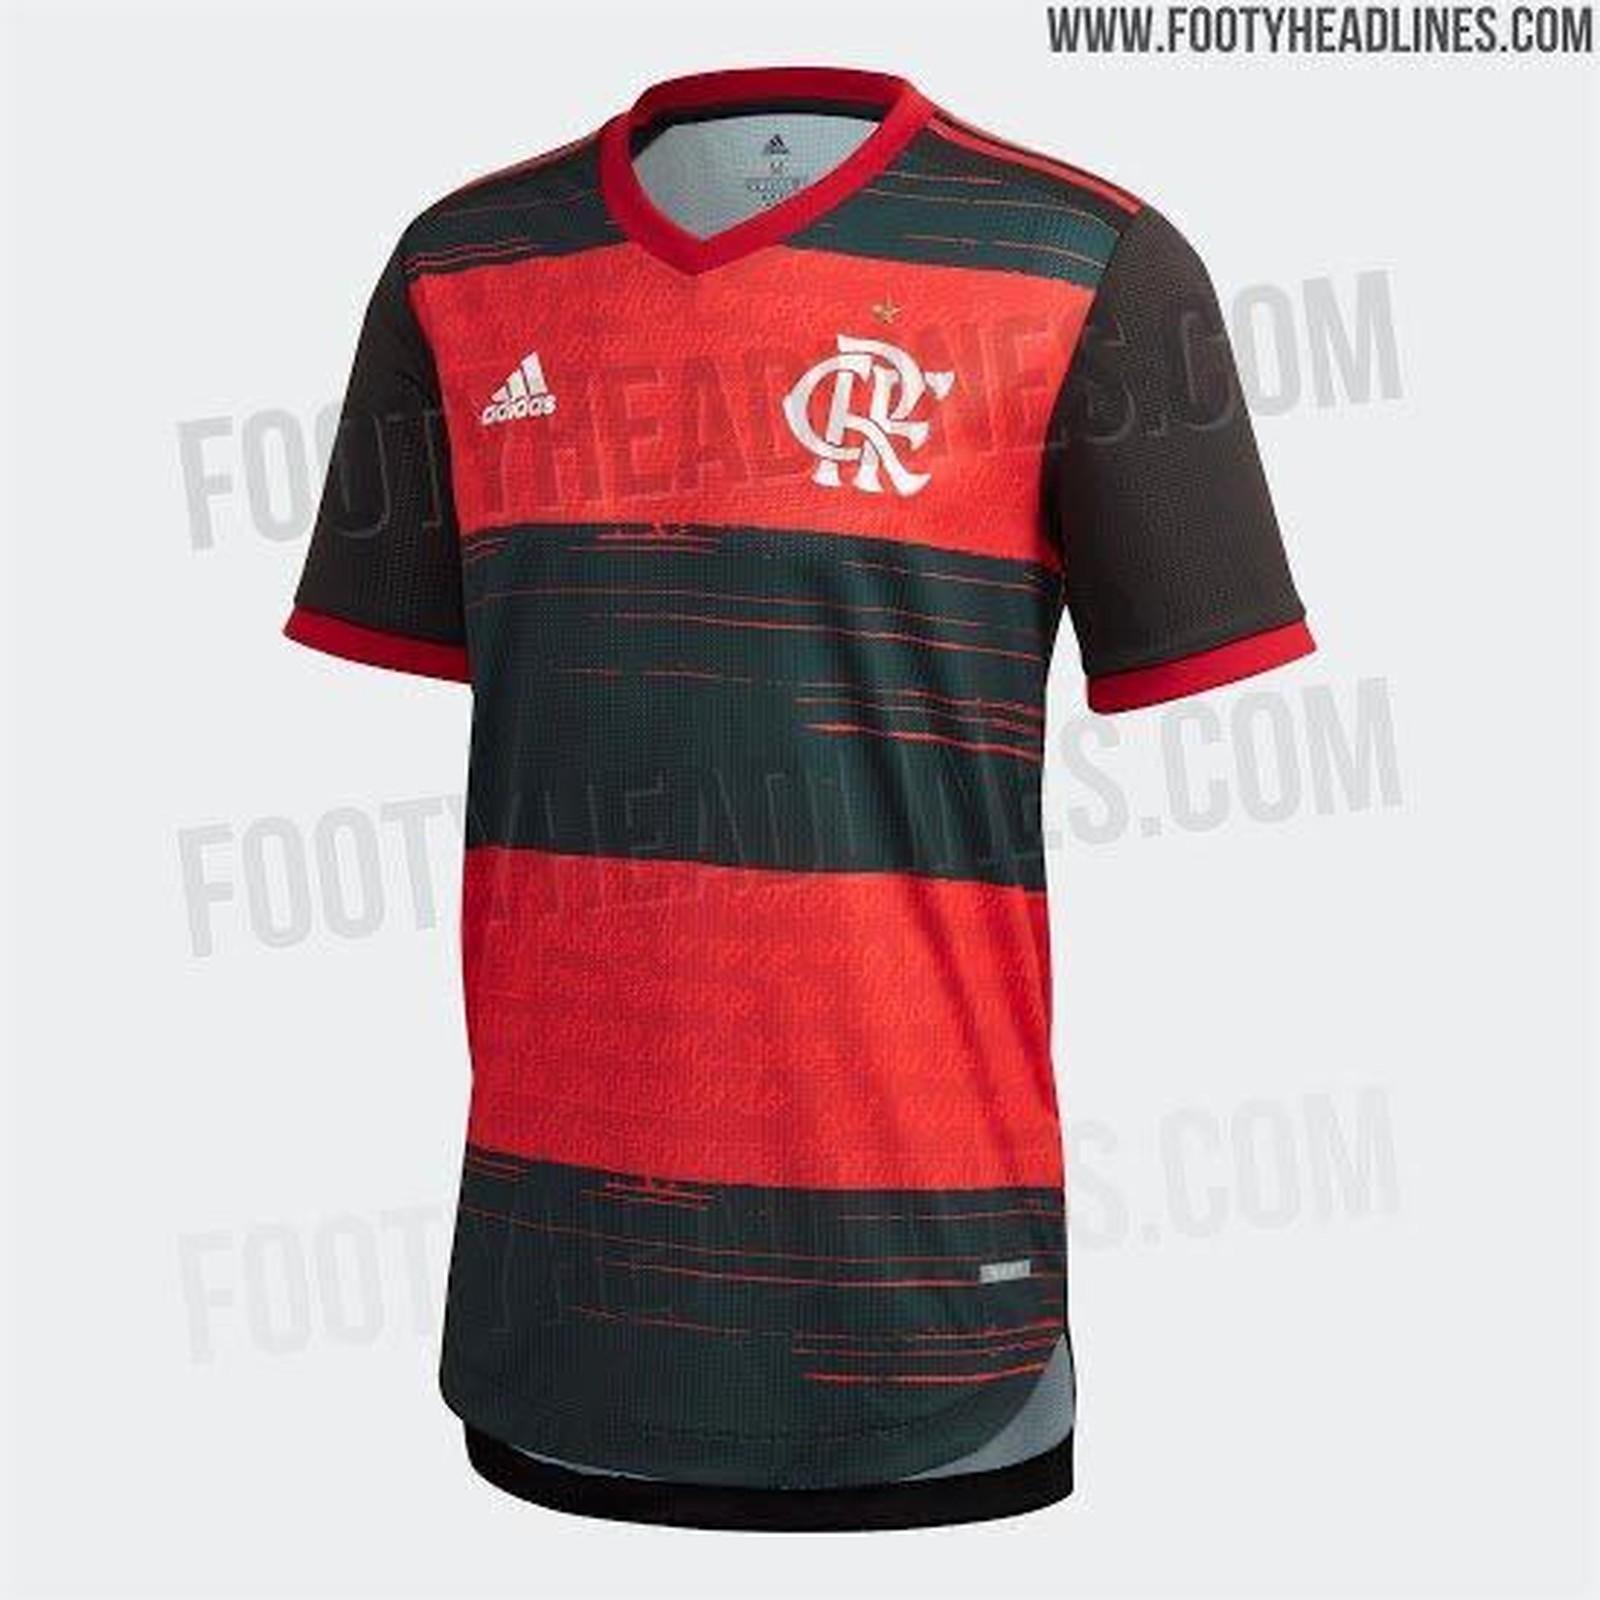 Novo uniforme do Mengão deve ficar à disposição da torcida no dia 15 de fevereiro. Foto: Reprodução